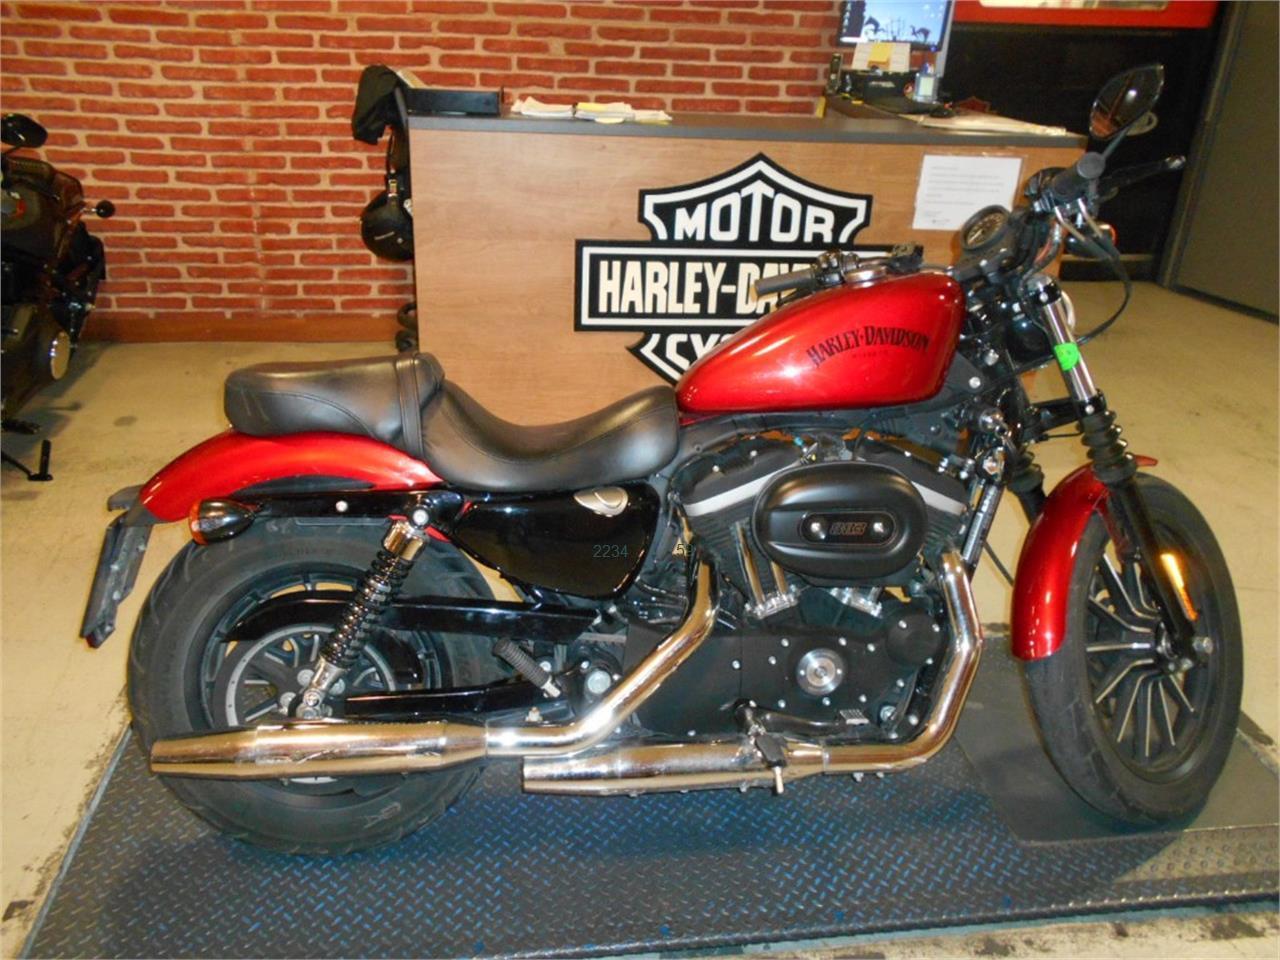 HARLEY DAVIDSON Sportster 883 Iron de venta